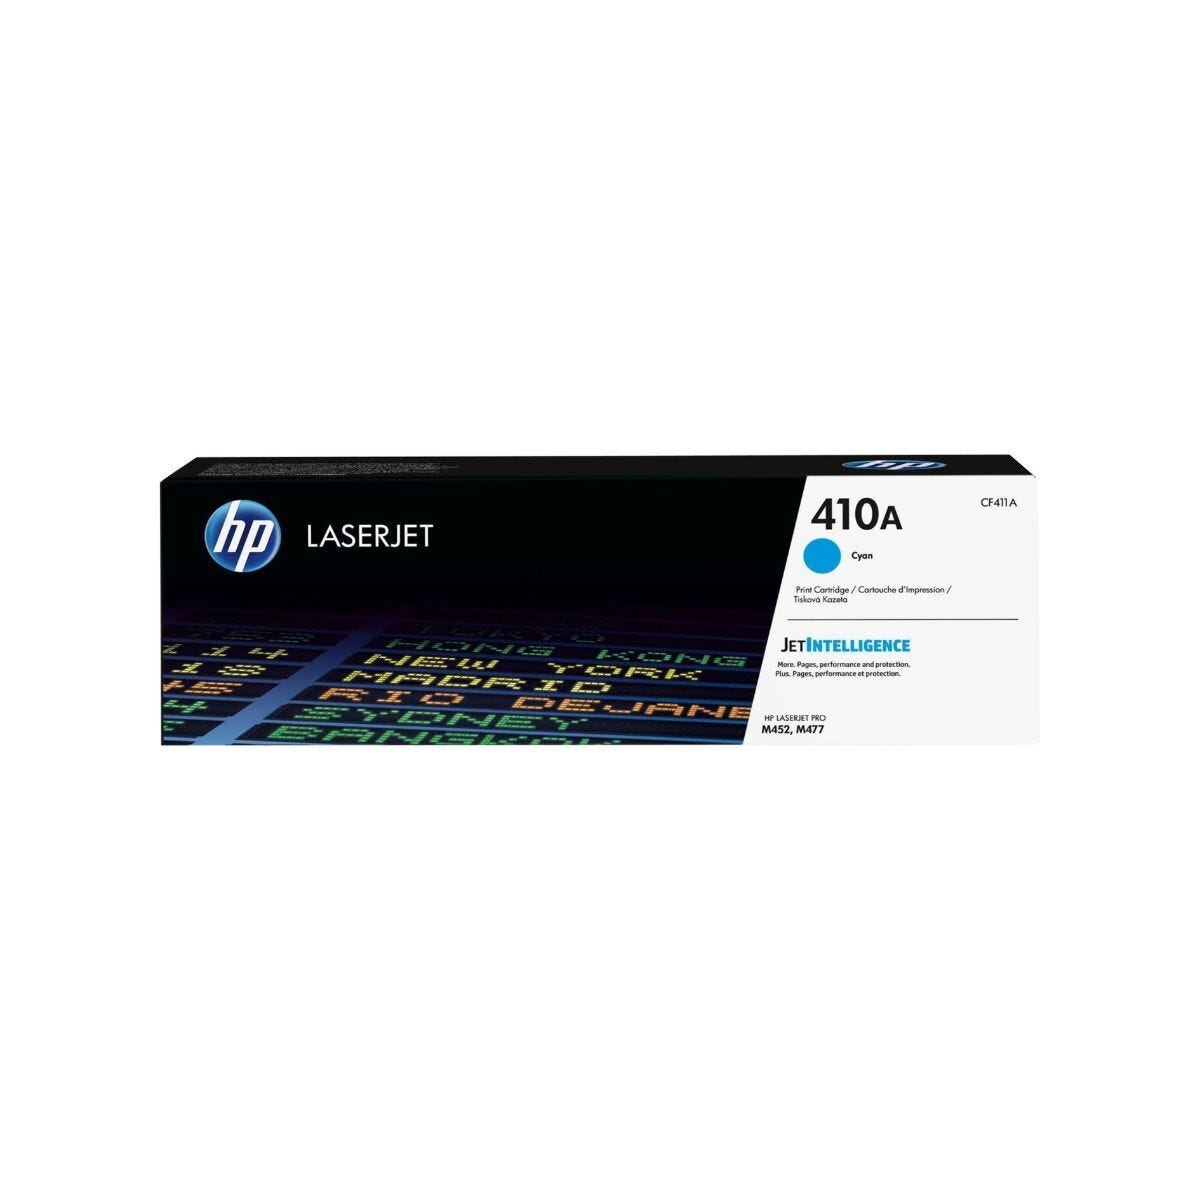 HP 410A Toner Cartridge